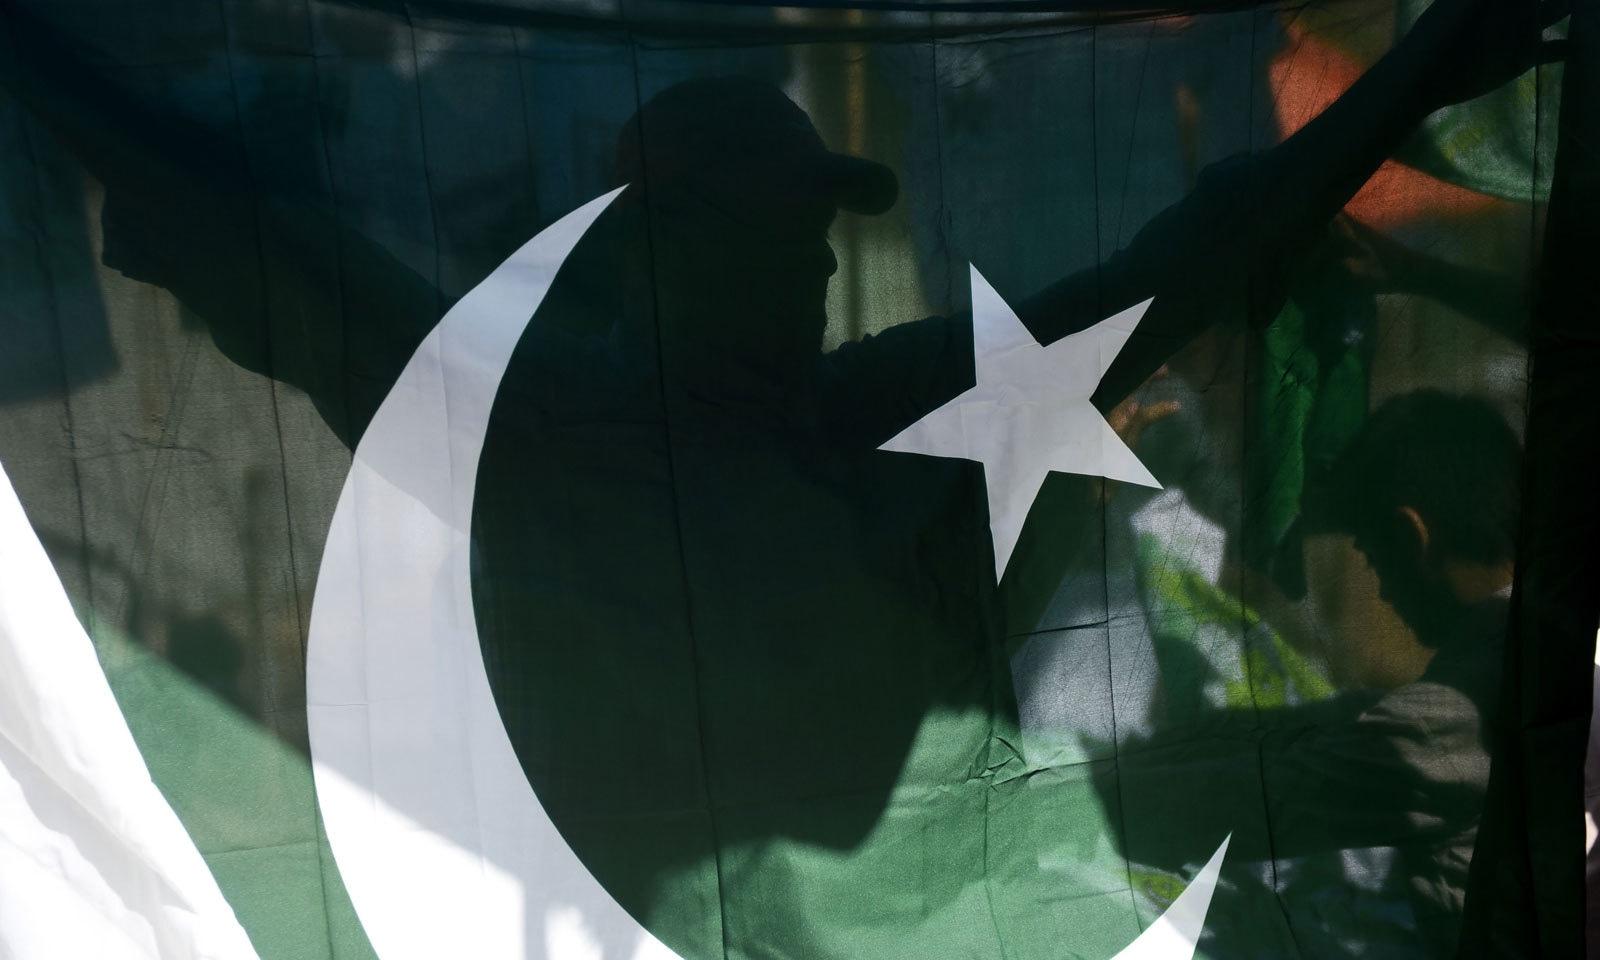 73 ویں یوم آزادی پر شہروں کو سبز پرچموں اور برقی قمقموں سے سجایا گیا — فوٹو: اے ایف  پی